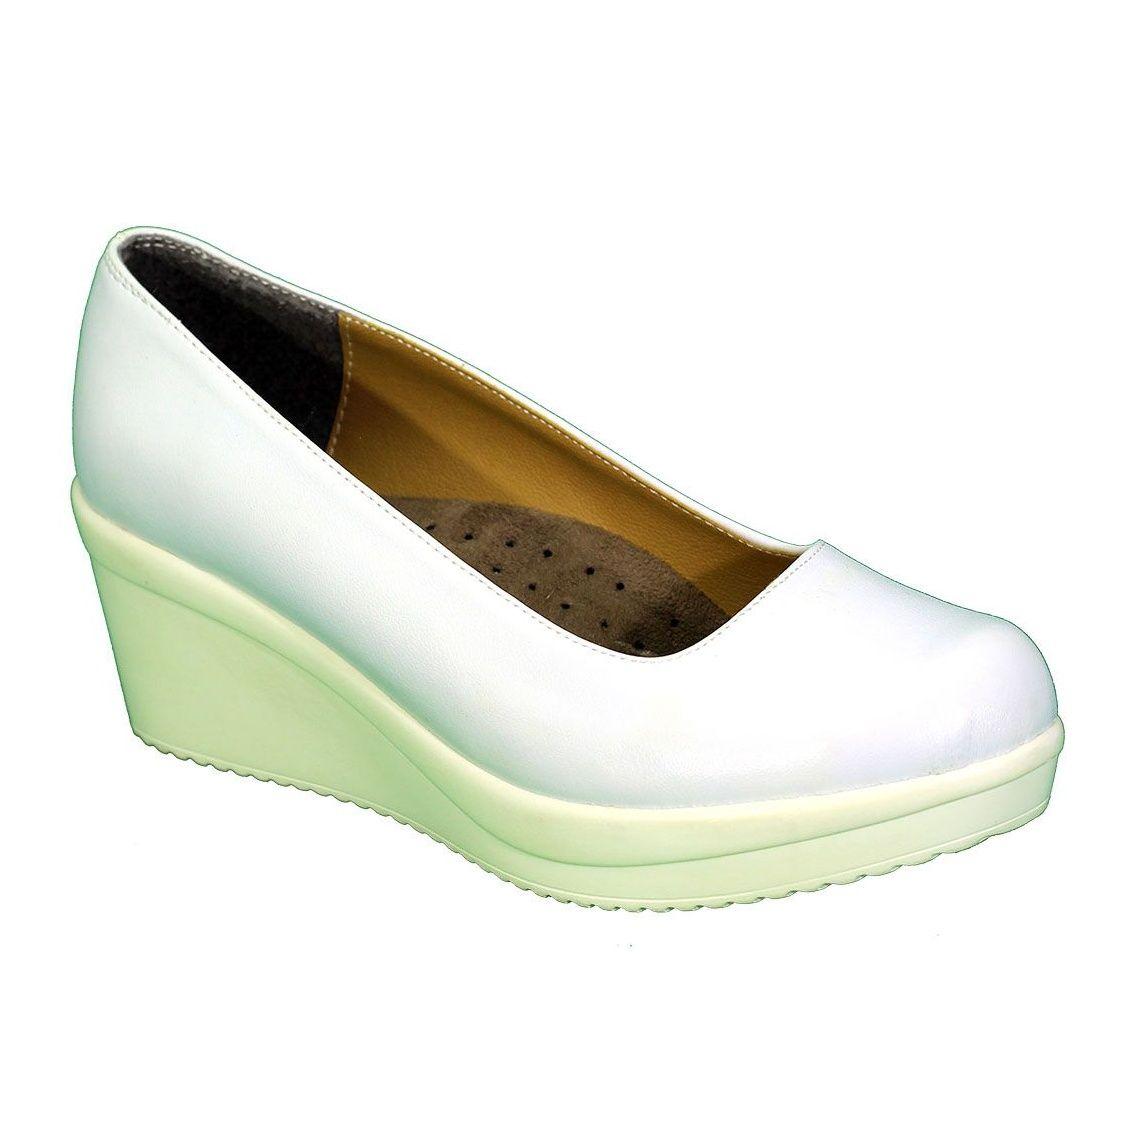 کفش طبی زنانه شهرام طب مدل 2093 کد 1 main 1 2